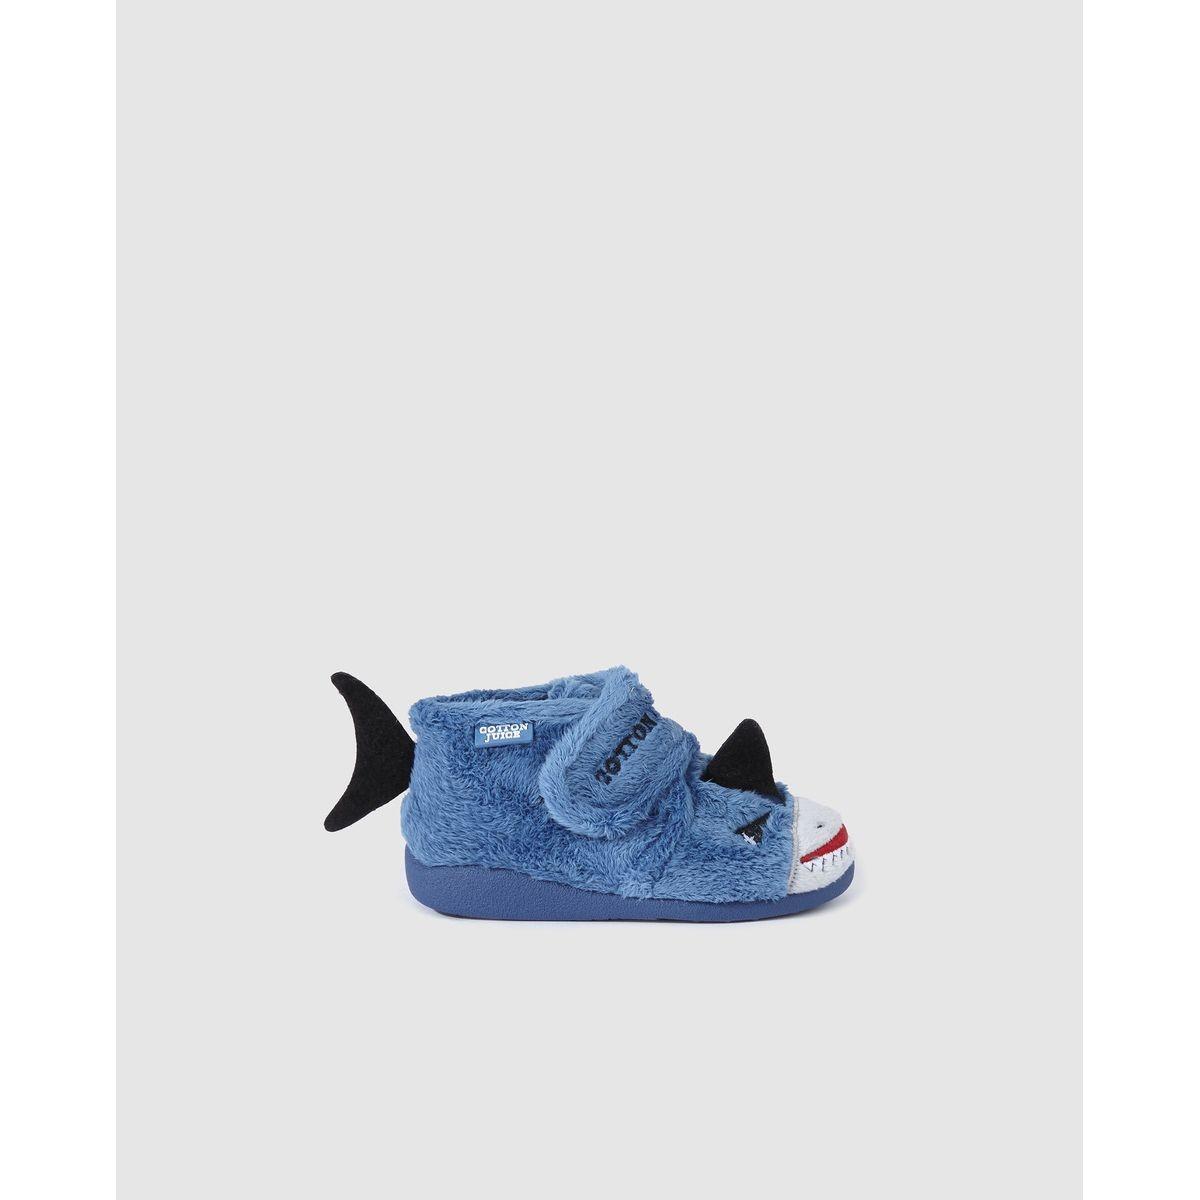 Chaussons Cotton Juice fermés à requins brodés